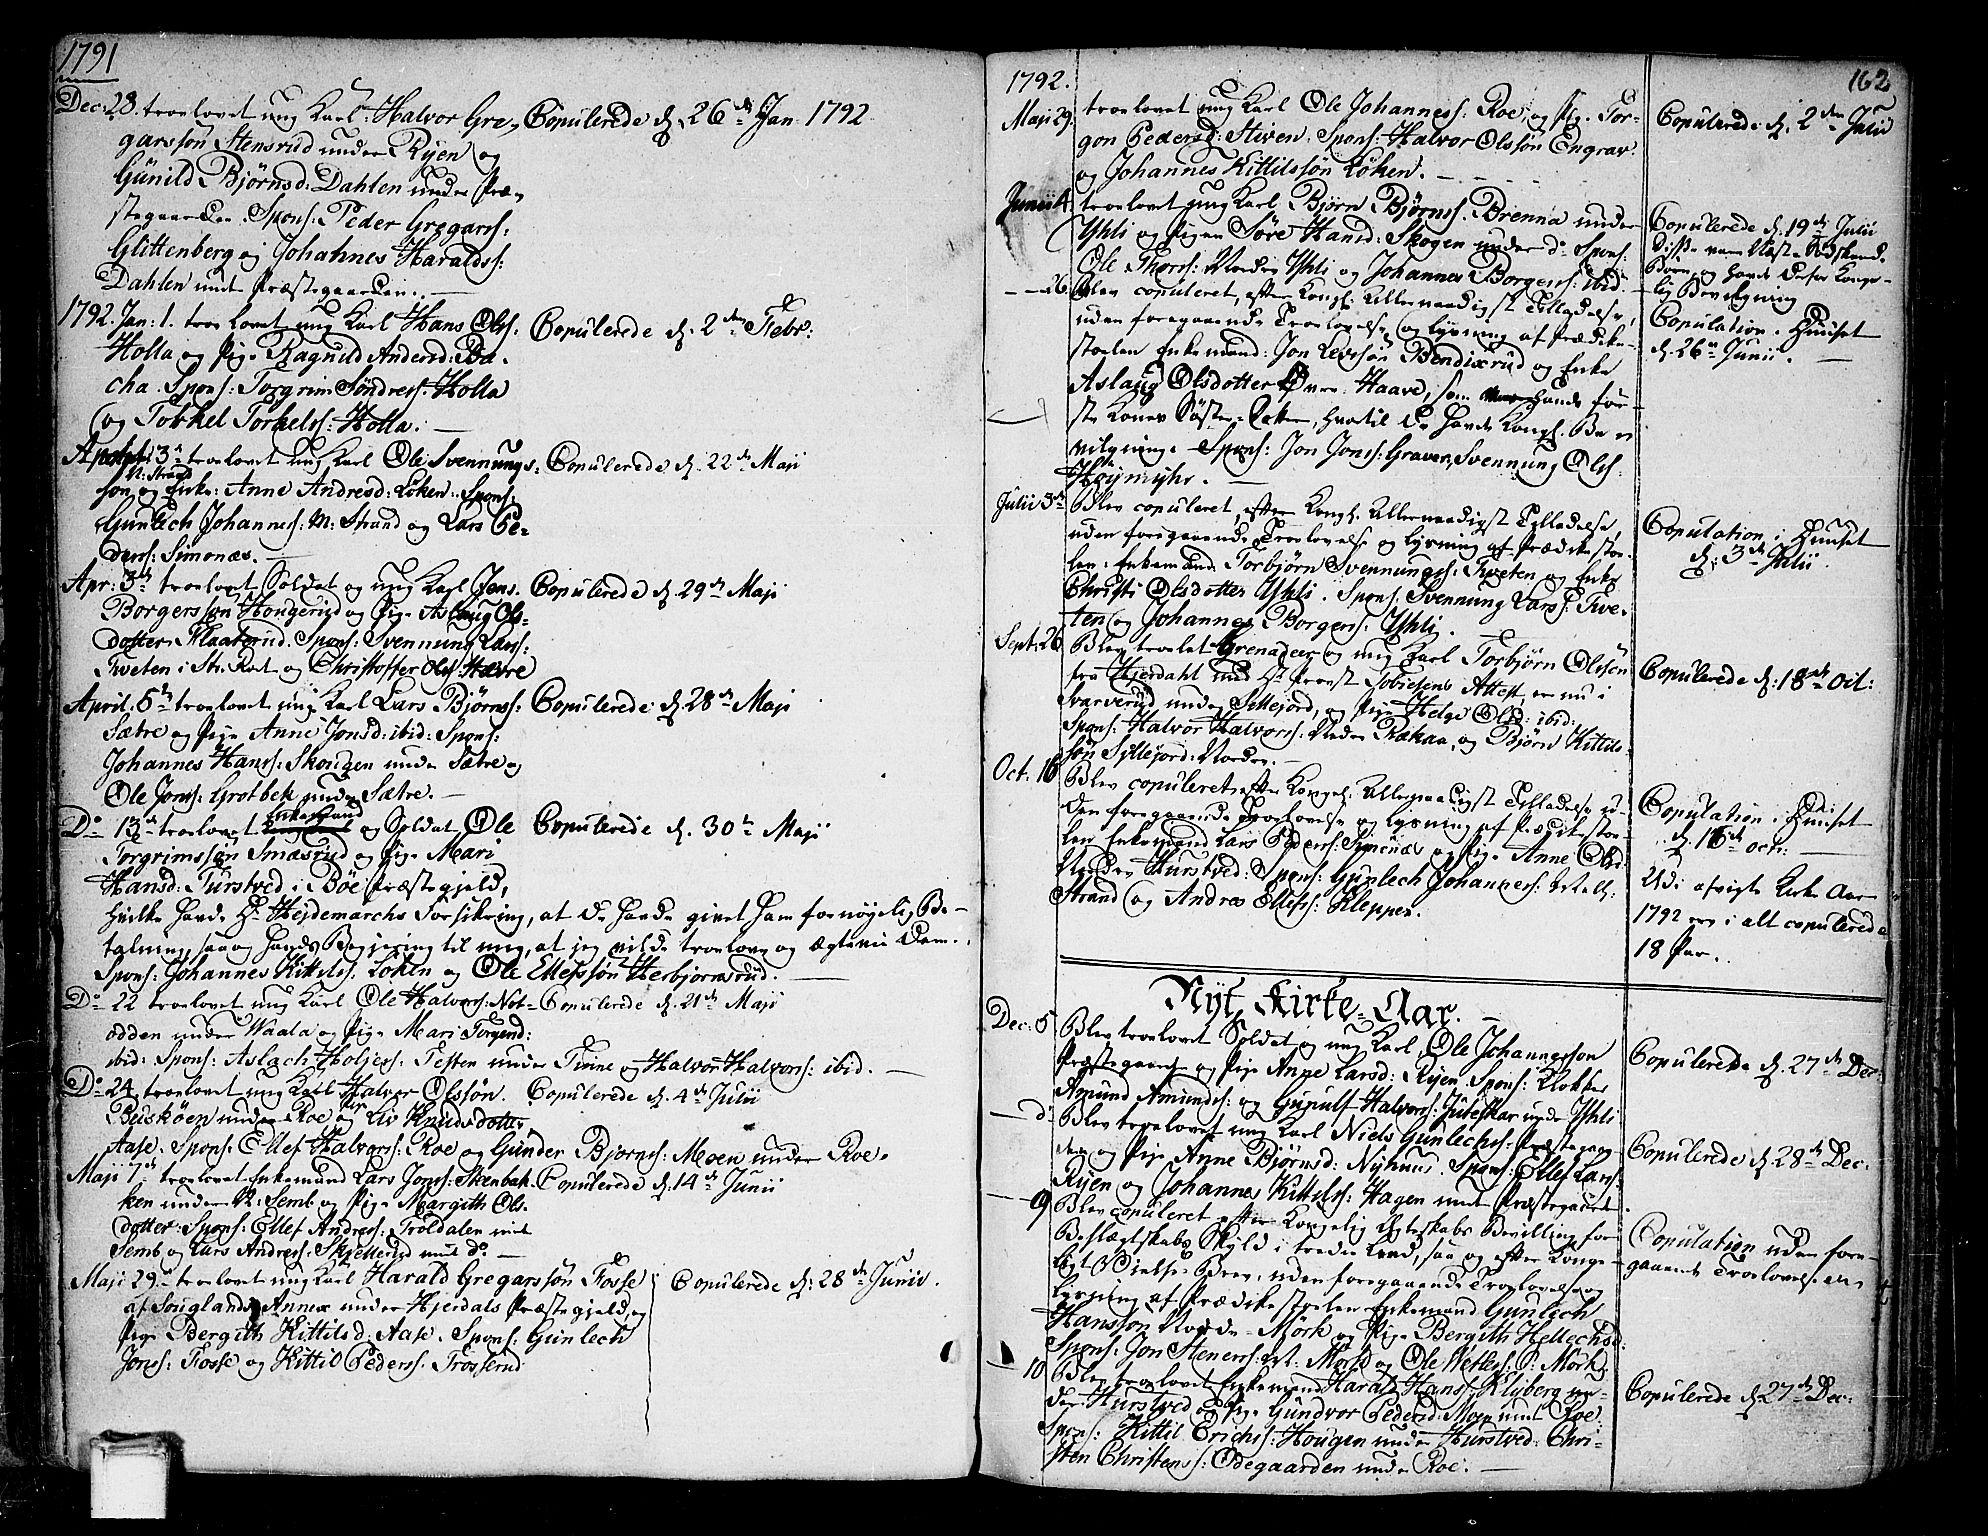 SAKO, Heddal kirkebøker, F/Fa/L0004: Ministerialbok nr. I 4, 1784-1814, s. 162